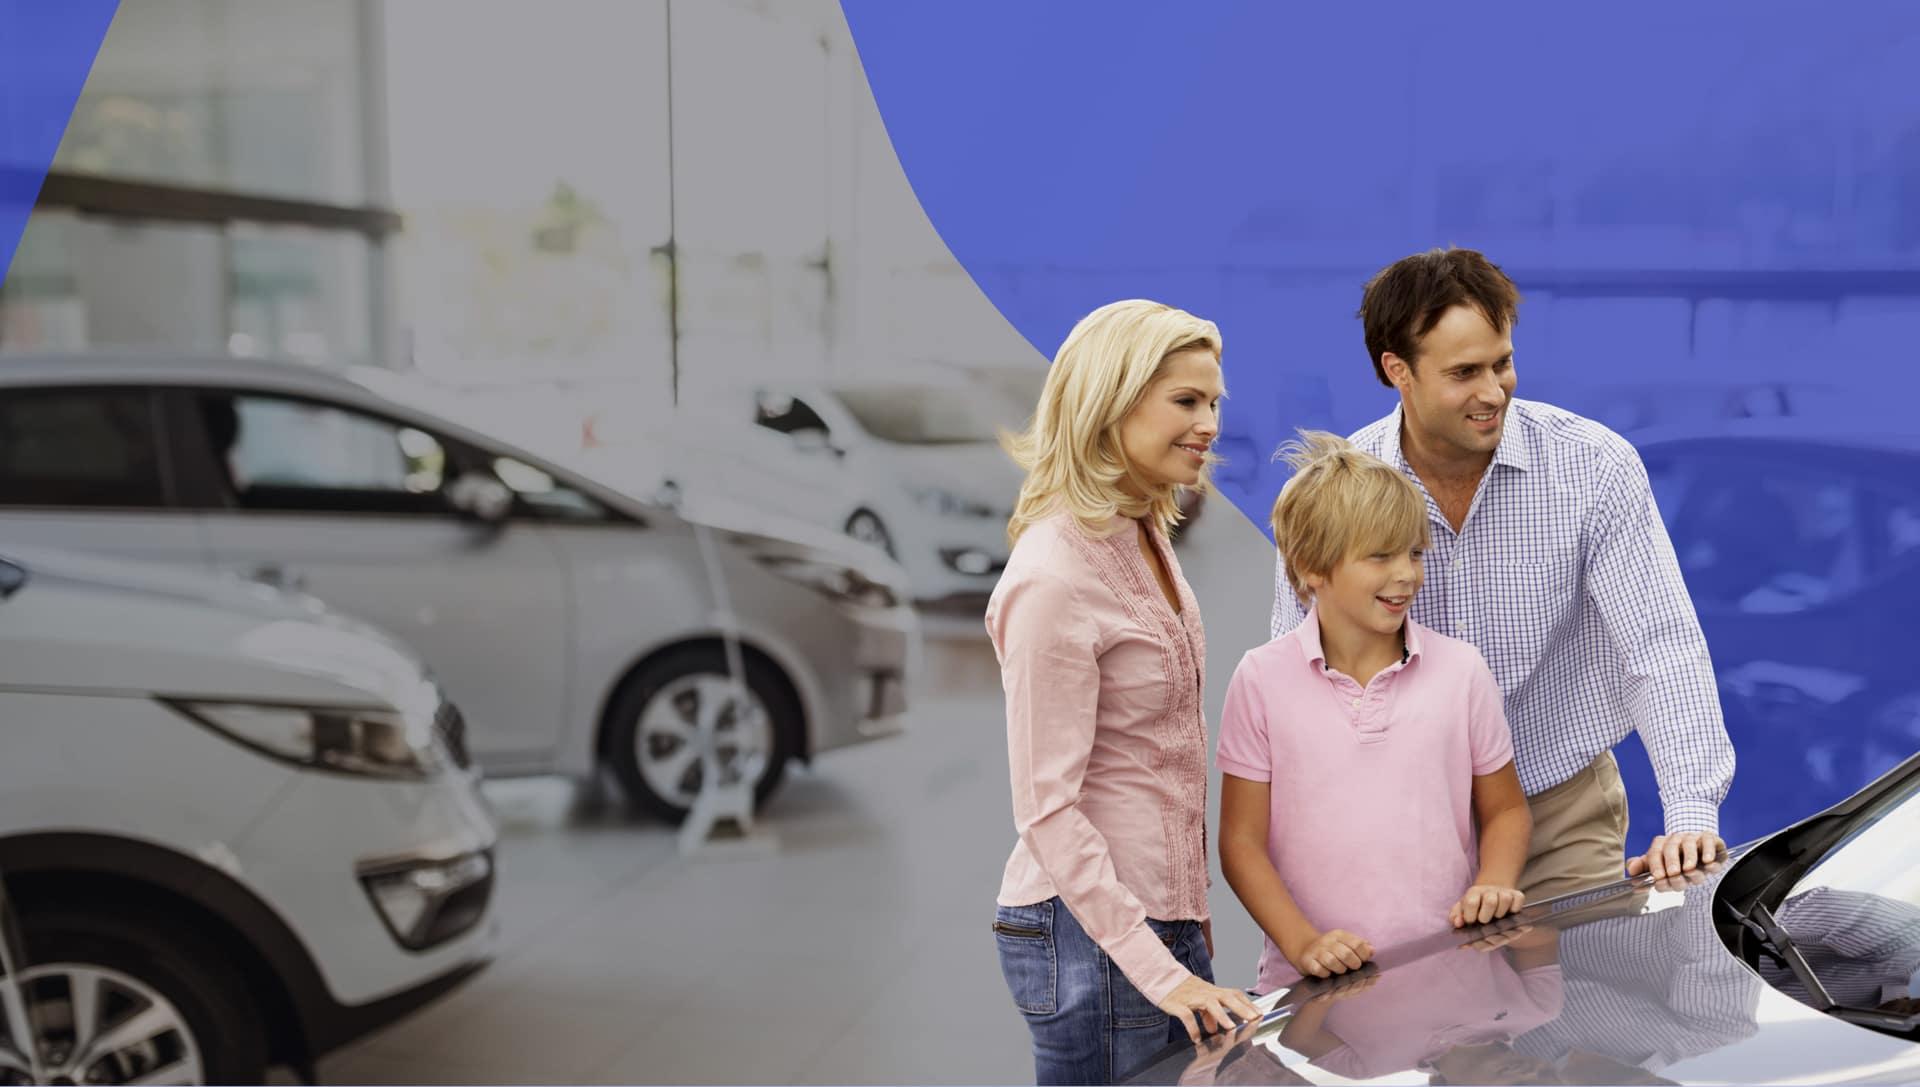 Family Looking at Car